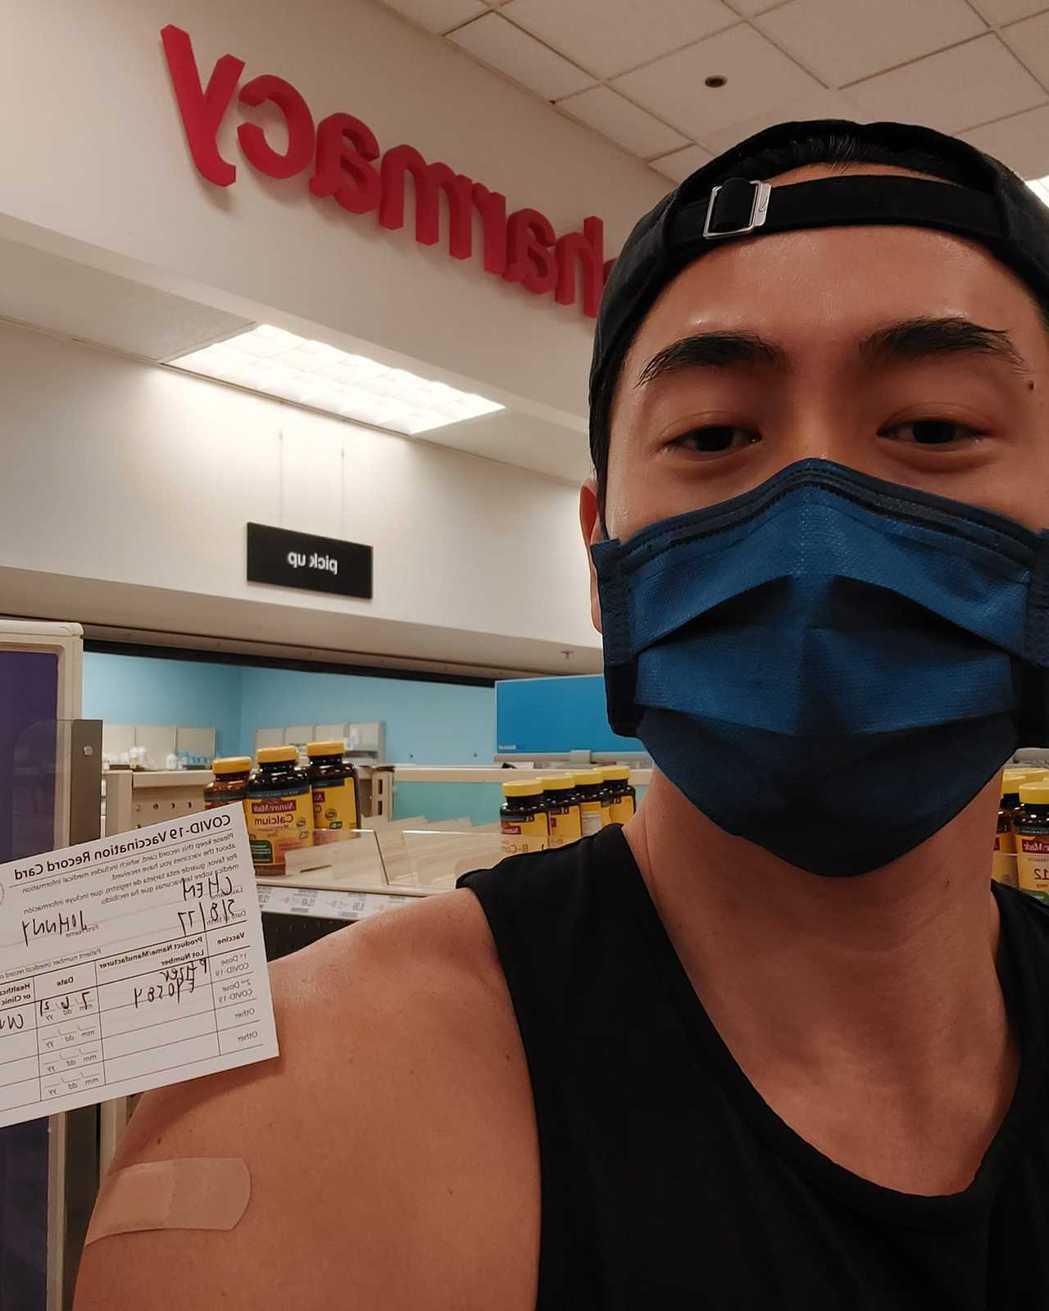 路斯明注射完疫苗後喊自己安全了。圖/摘自臉書